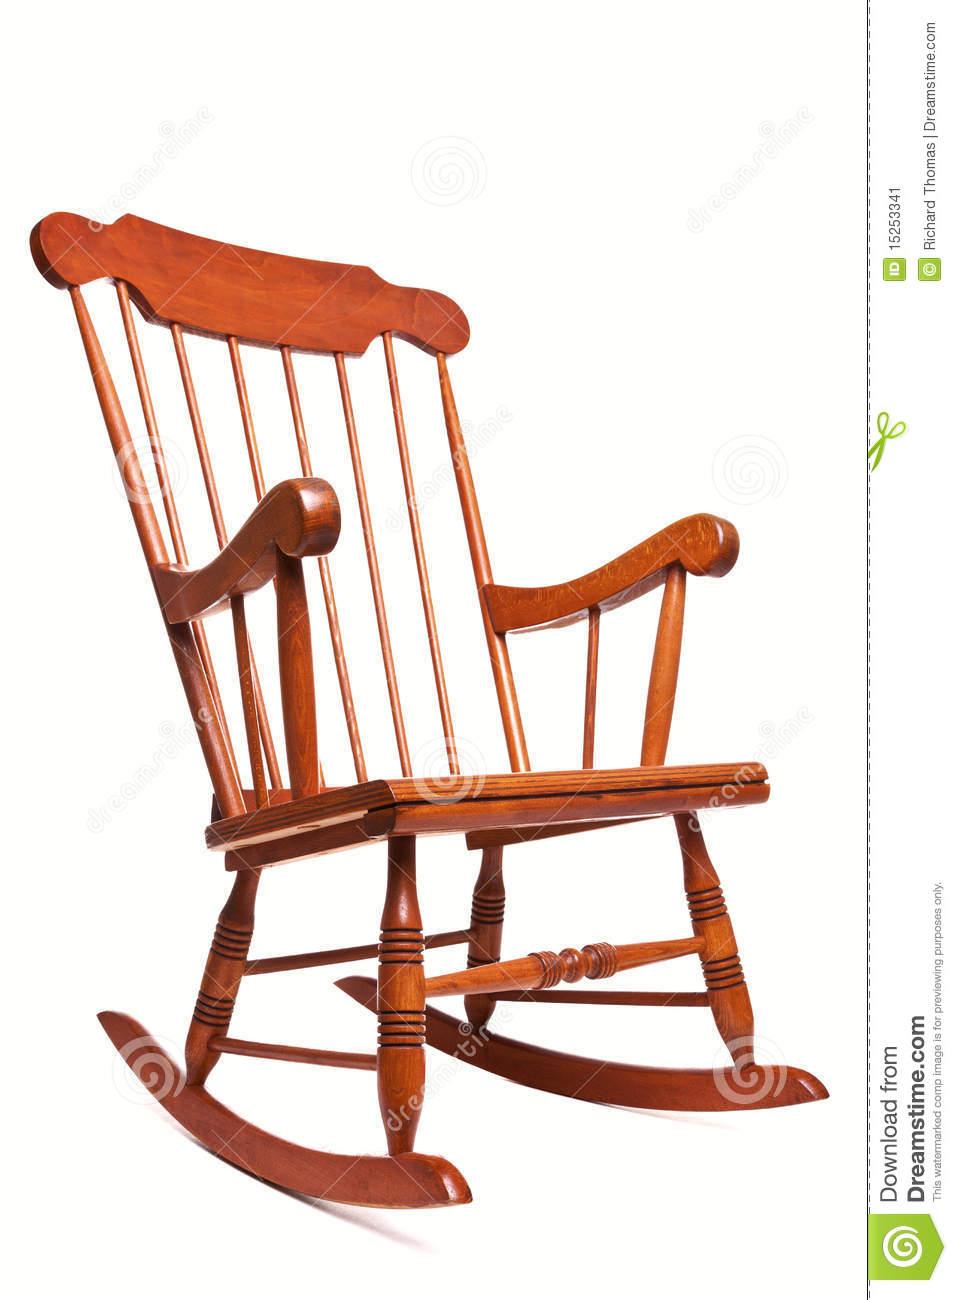 ... ClipartFest Rocking Chair Clipart. 2-... ClipartFest rocking chair Clipart. 2017-4